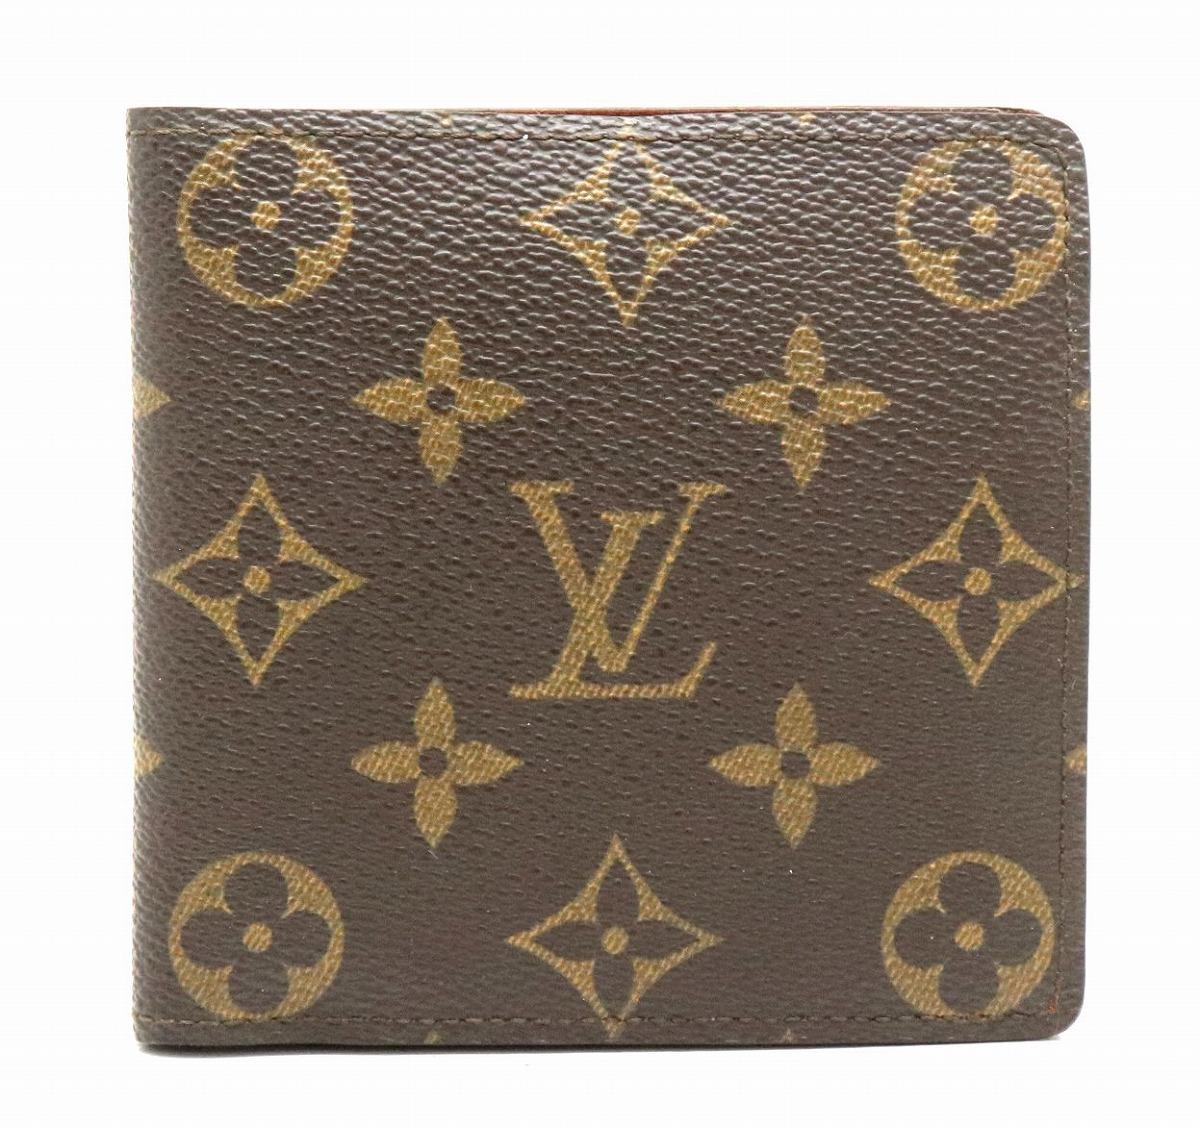 【財布】LOUIS VUITTON ルイ ヴィトン モノグラム ポルト ビエ カルト クレディ モネ 2つ折財布 M61665 【中古】【k】